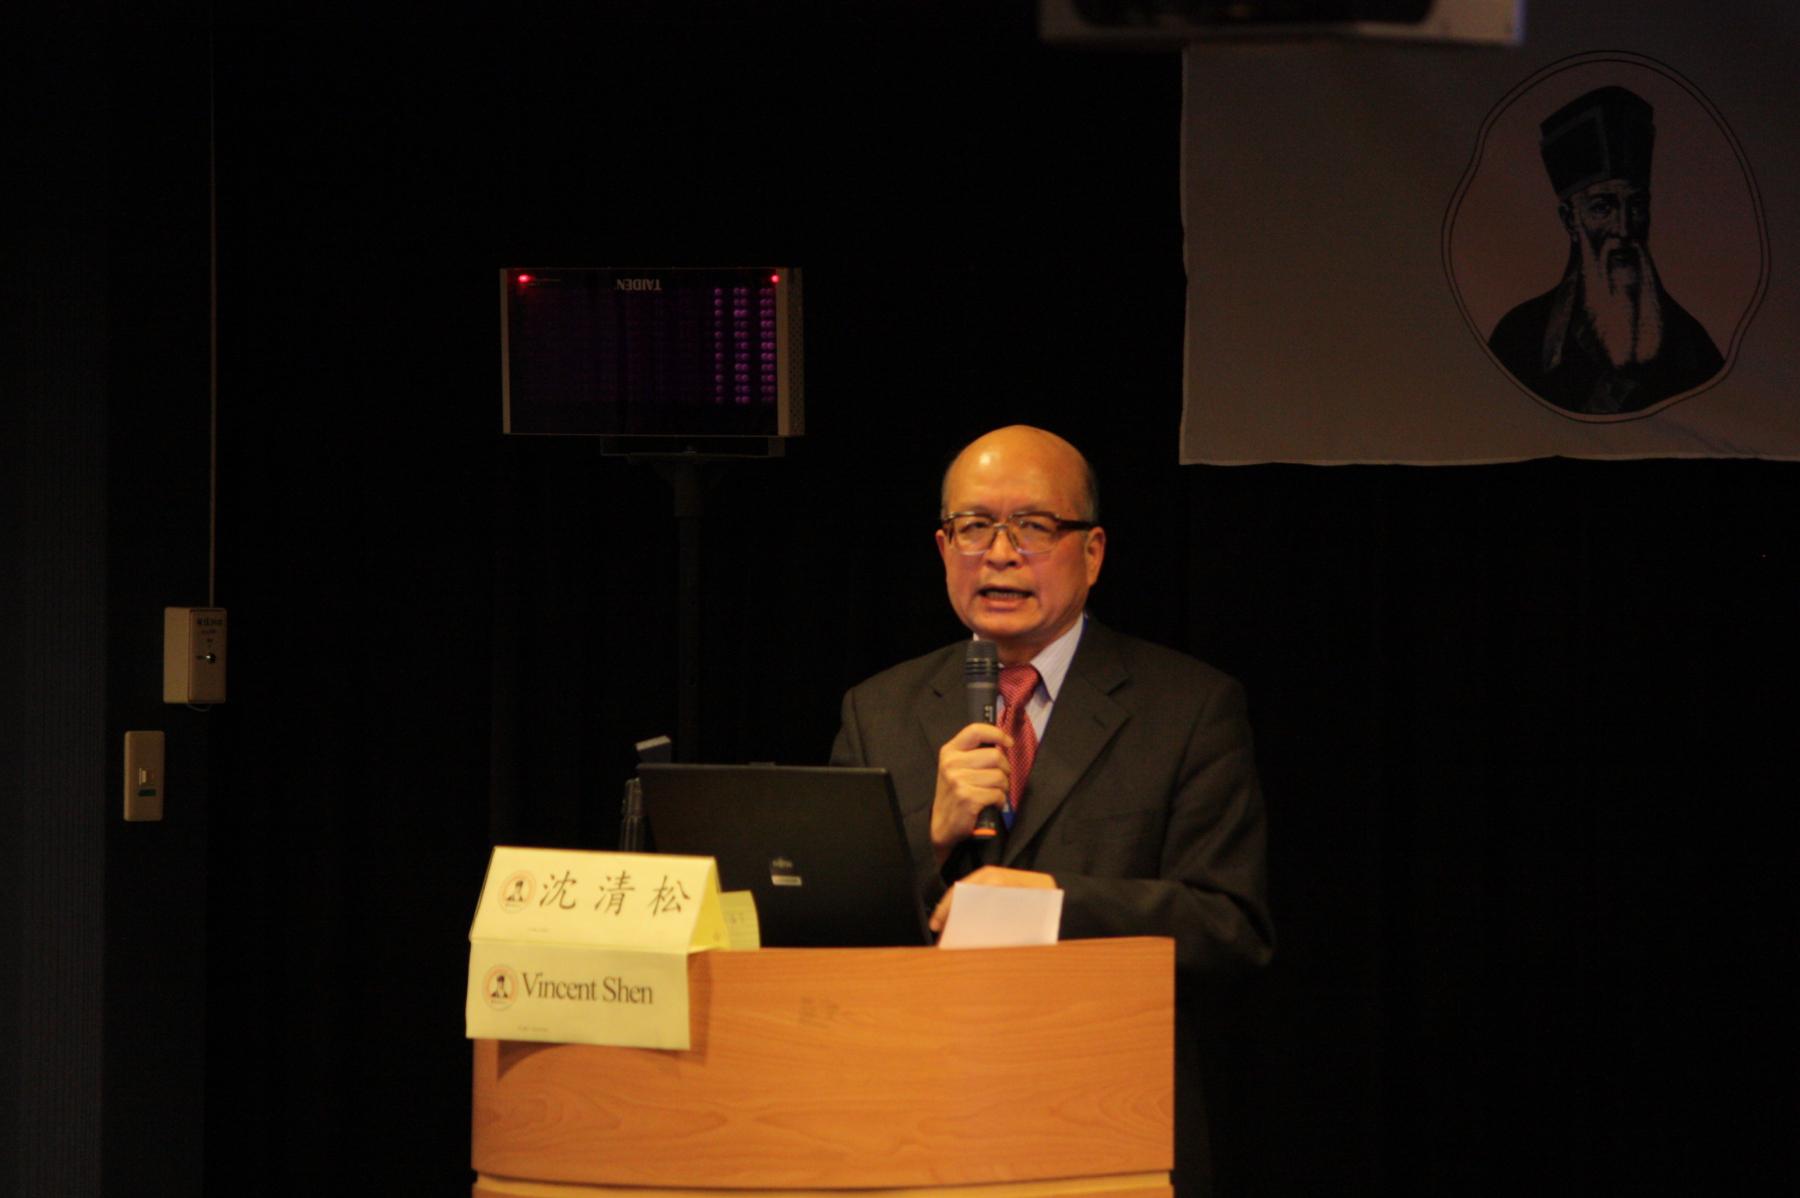 201004紀念利瑪竇逝世四百週年國際學術研討會-36